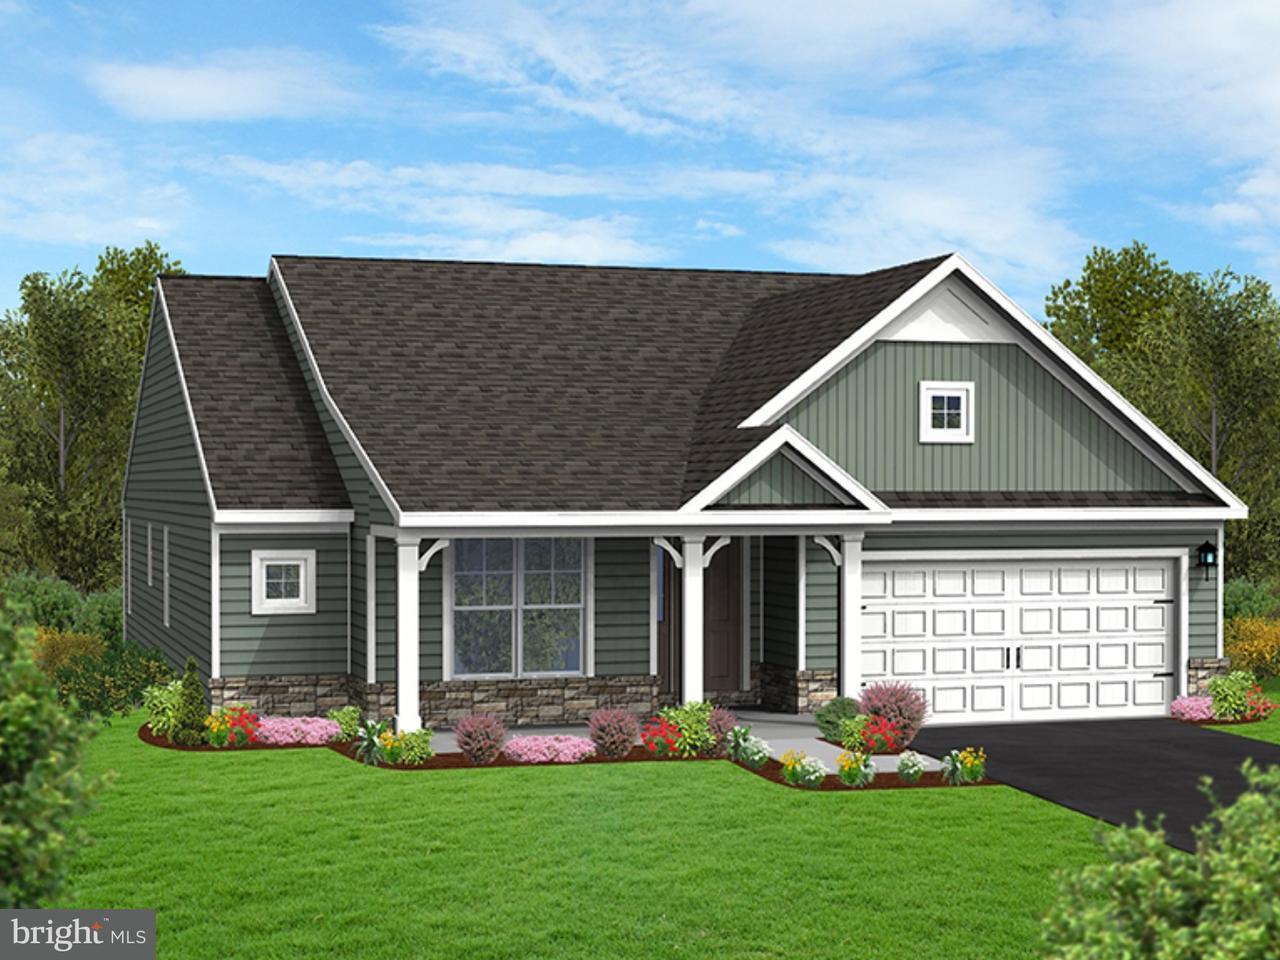 独户住宅 为 销售 在 ,0000 HAZEL Court 莱巴嫩, 宾夕法尼亚州 17042 美国